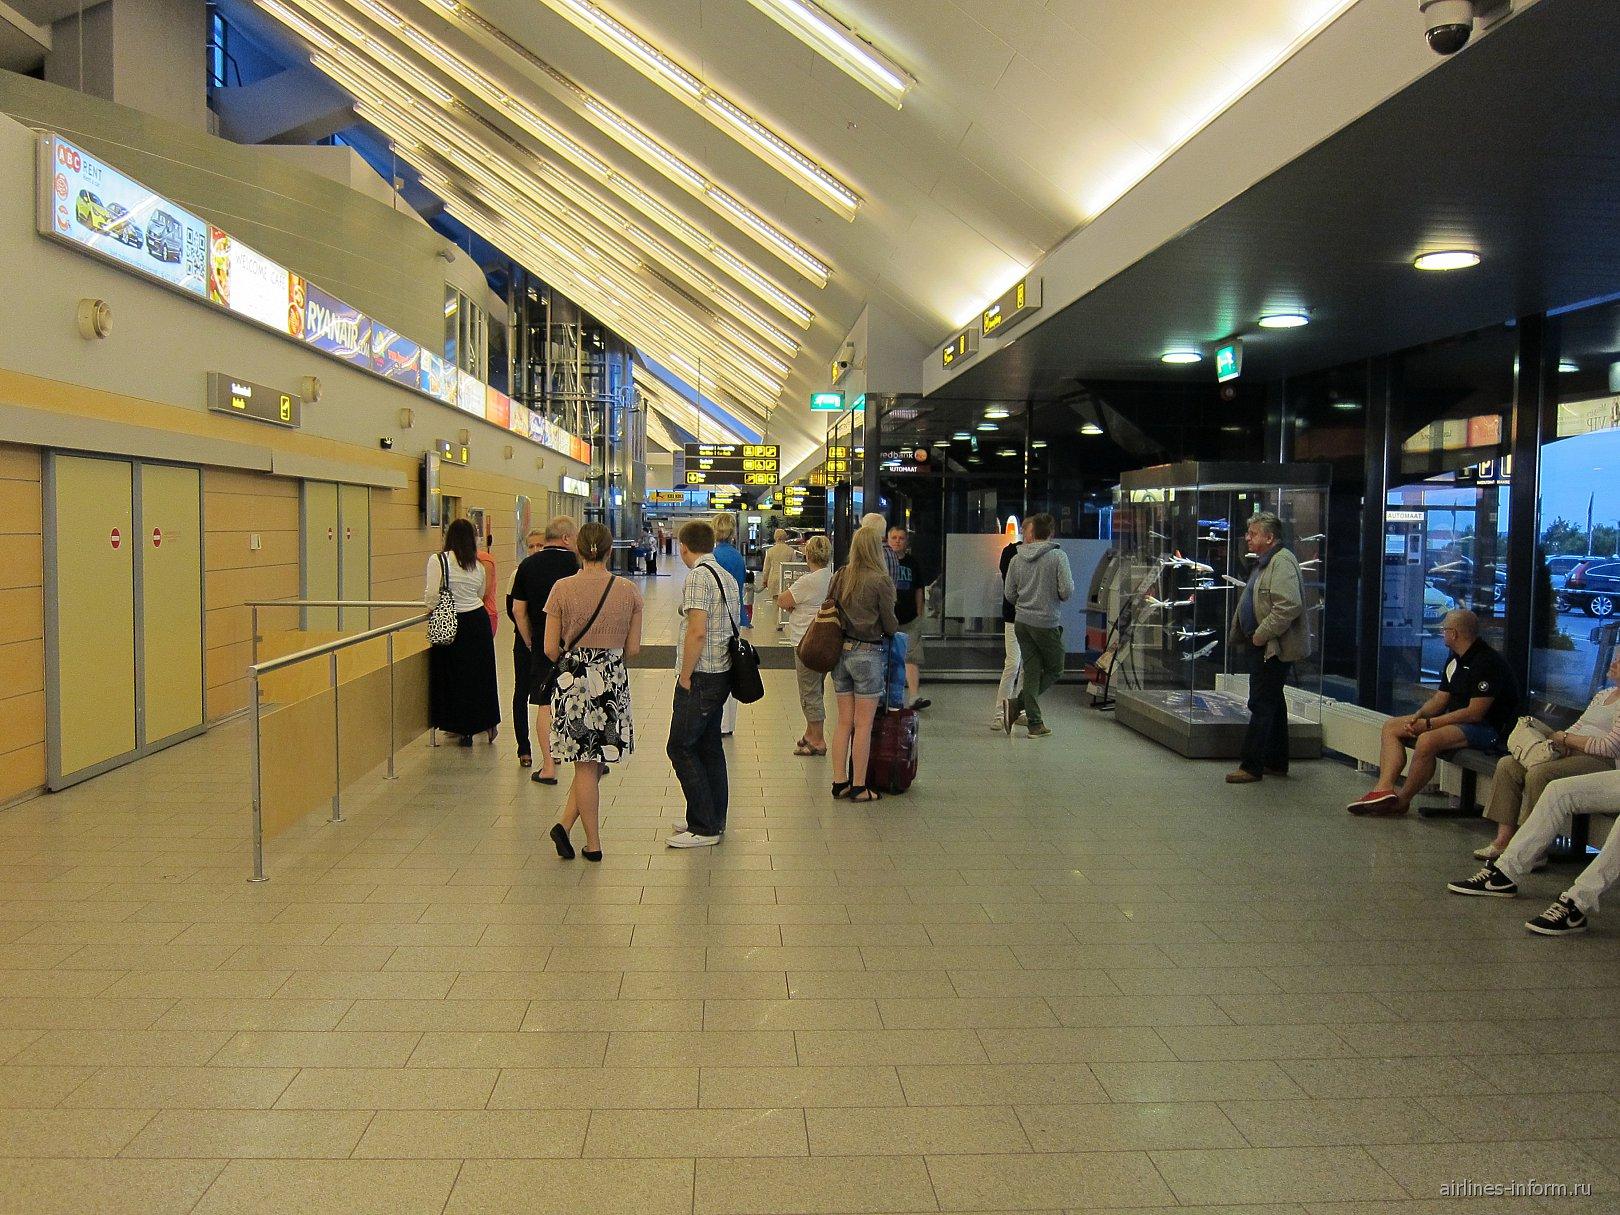 Зал прилета в аэропорту Таллинн